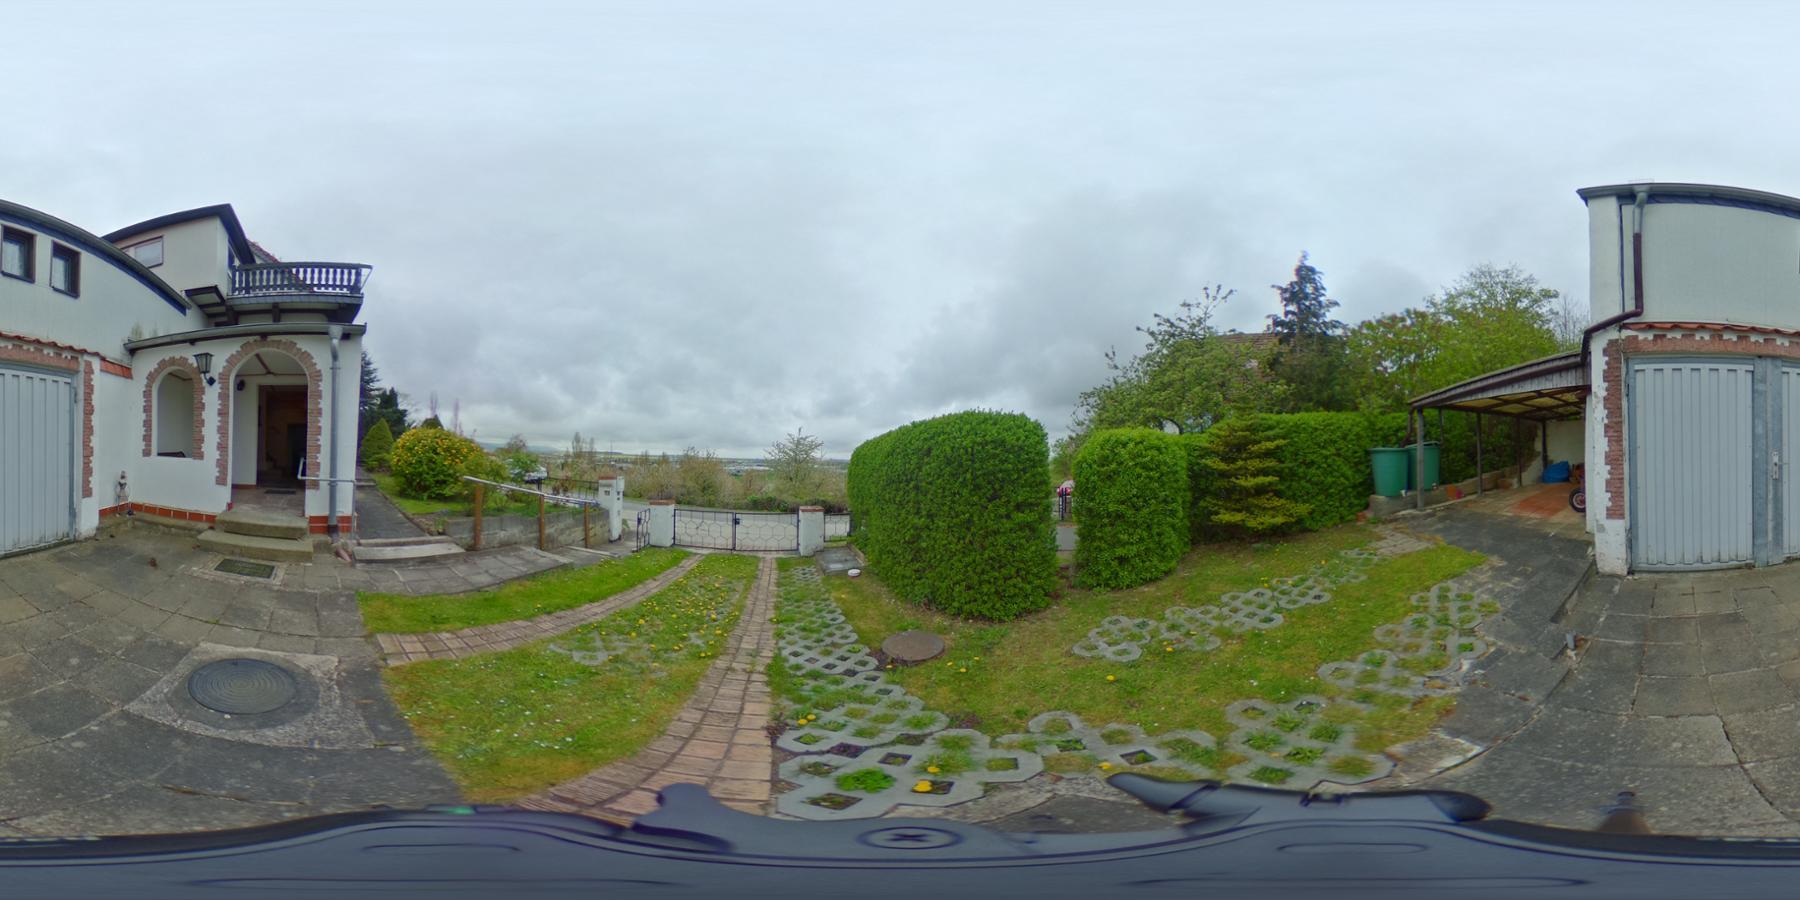 VERKAUFT - Lage, Aussicht, Natur und Platz und das in Wernigerode! 360 Grad